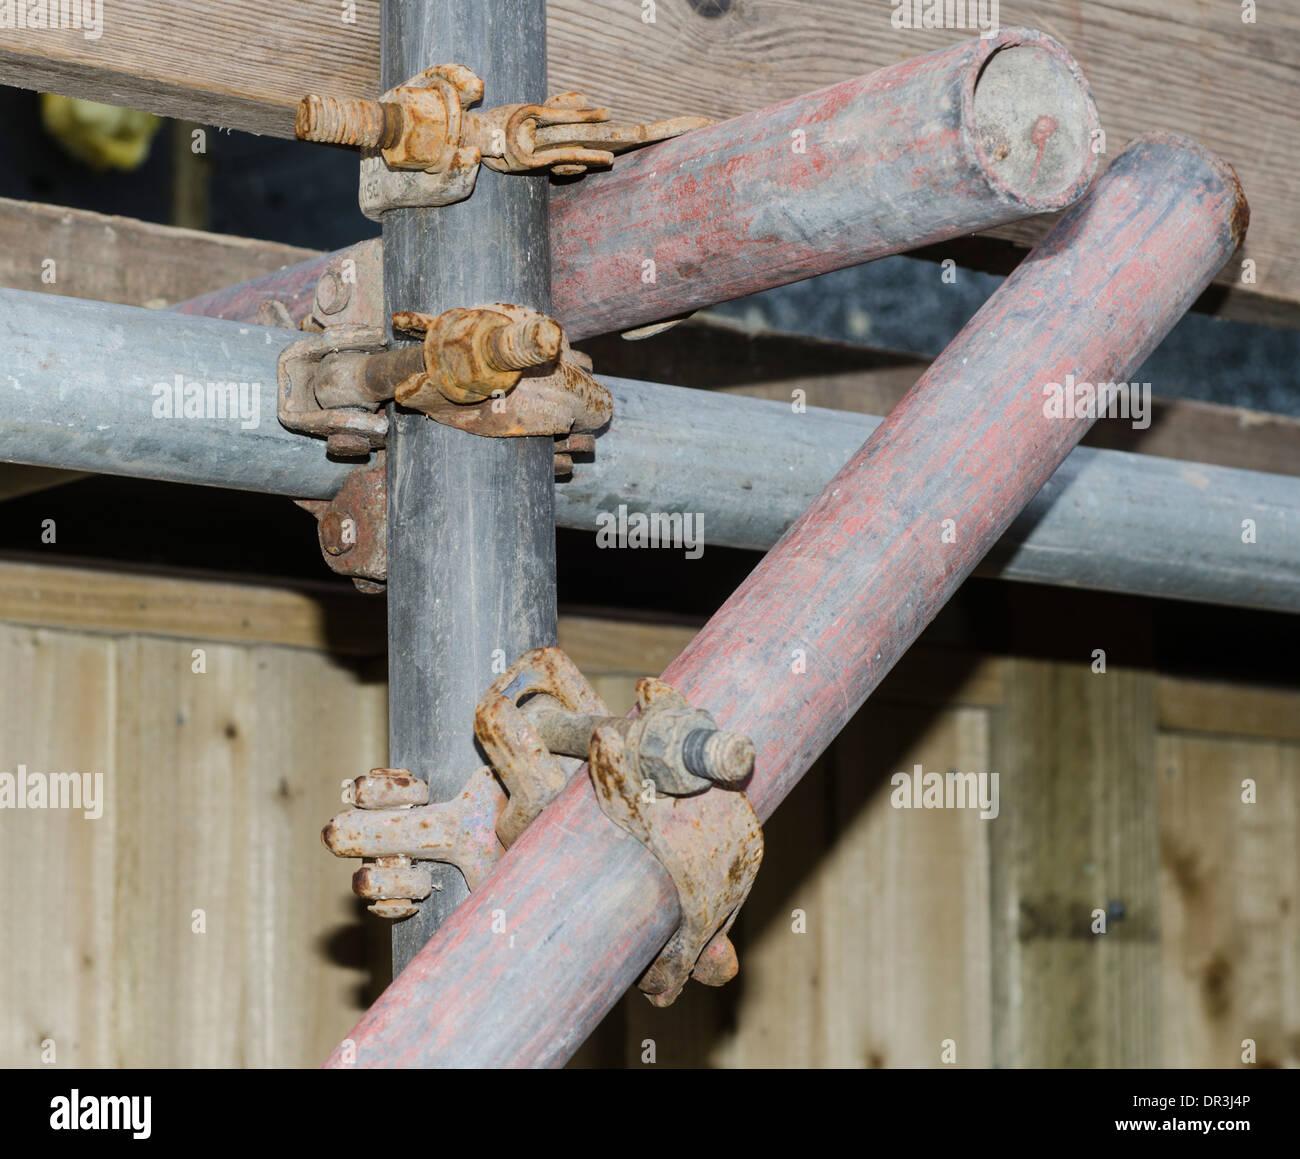 Gerüst-Verbindungen auf einer Baustelle. Stockbild